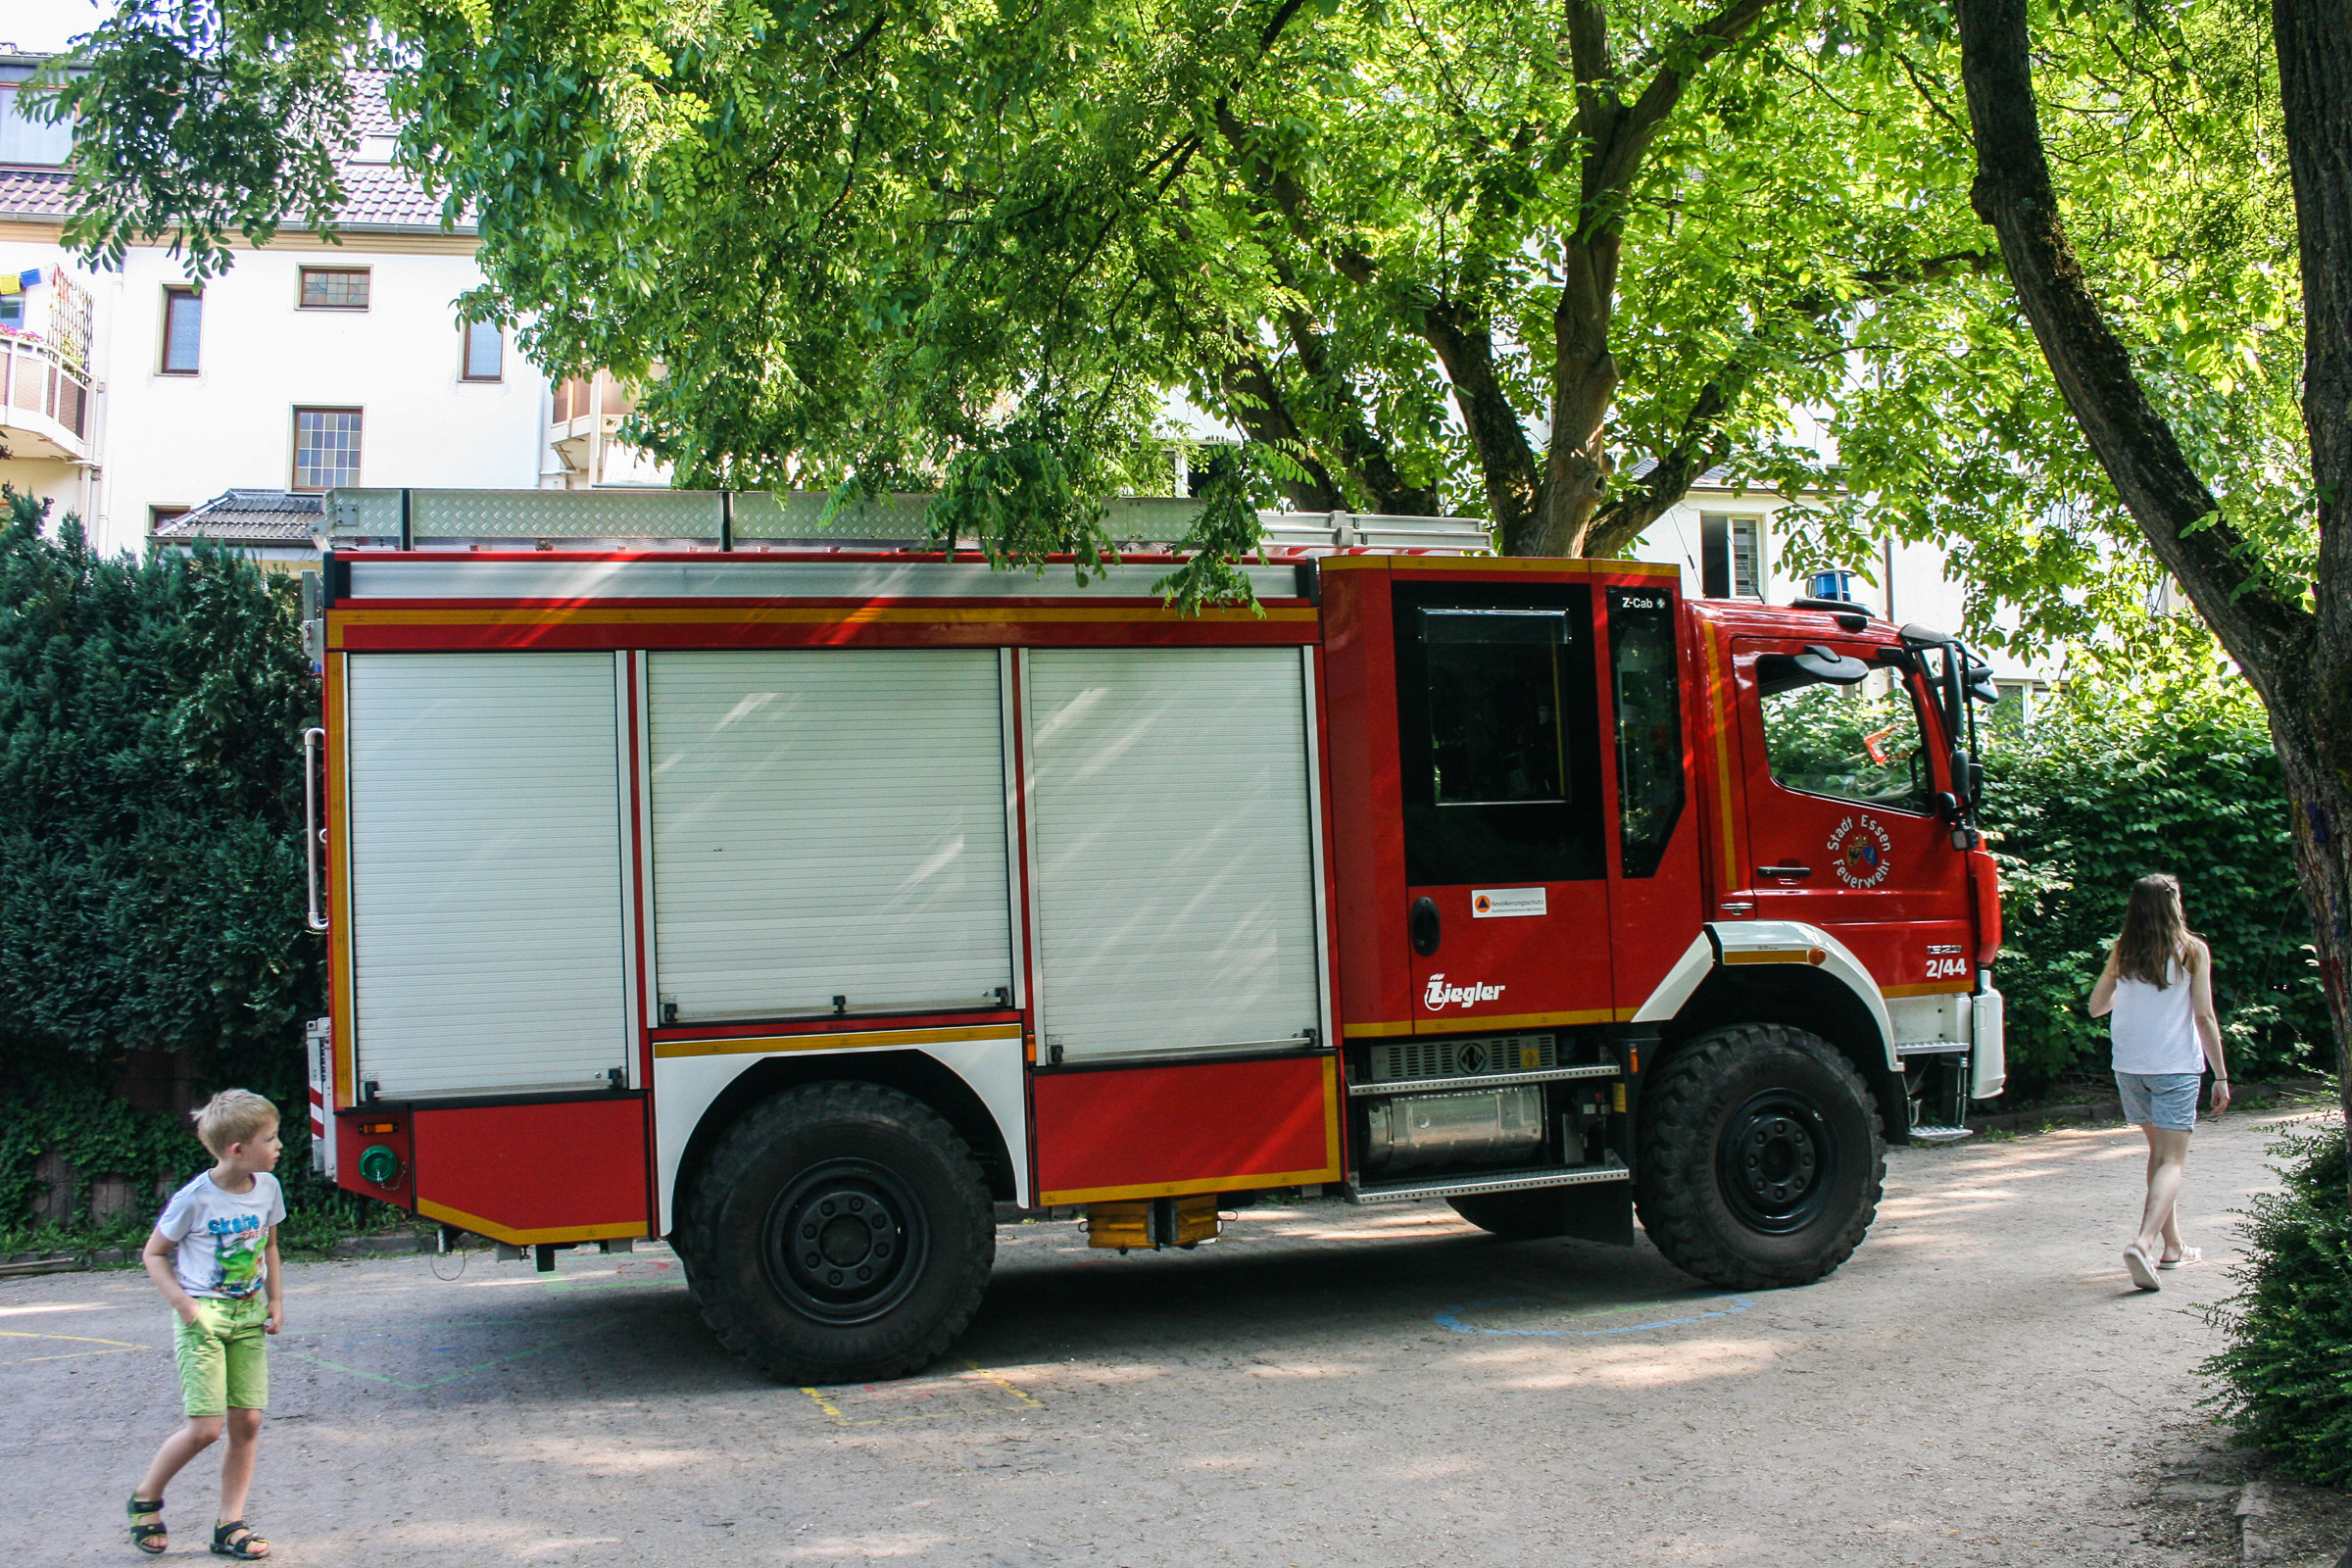 20180607_Feuerwehr_001